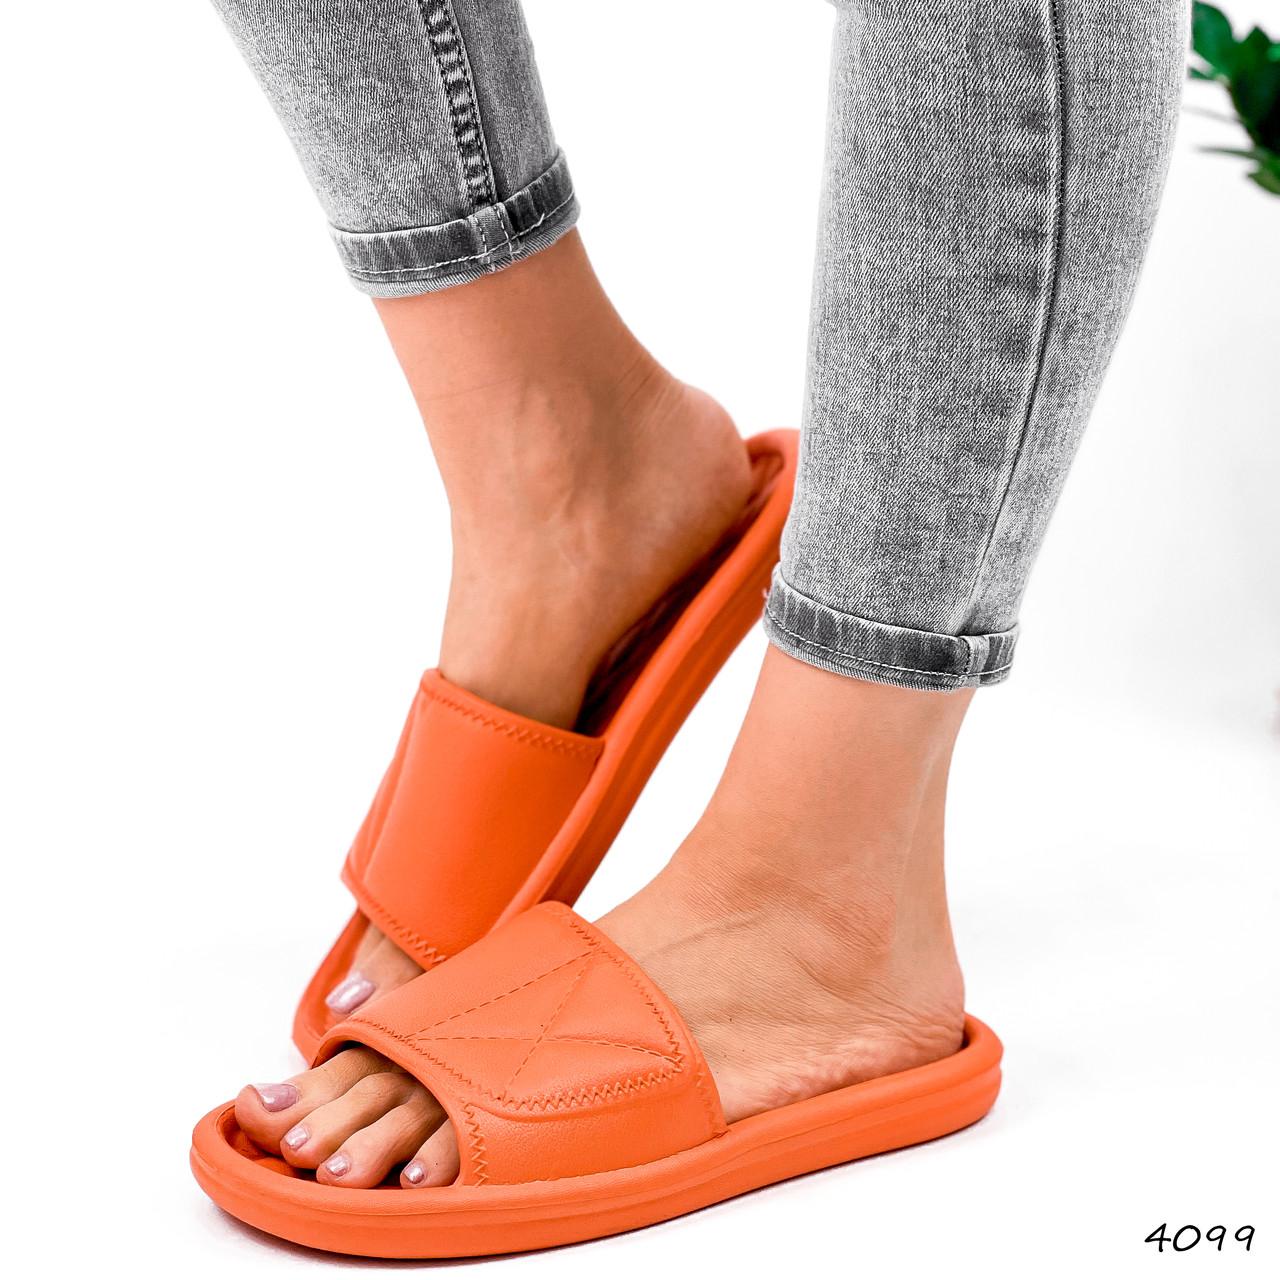 Шлепки женские Eliss оранжевые 4099